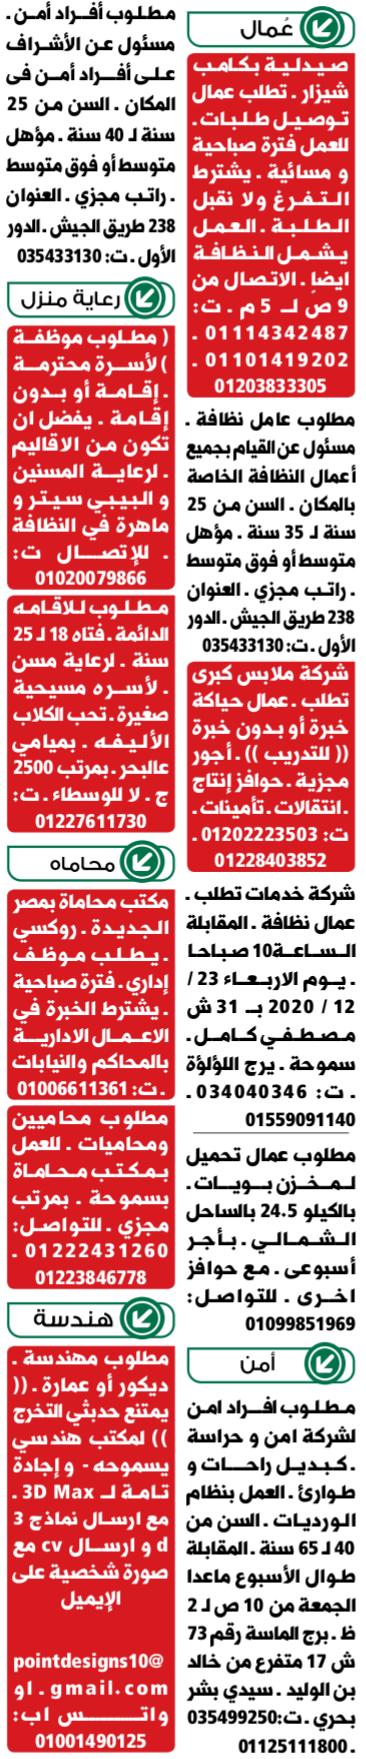 وظائف الوسيط اليوم 21/12/2020 نسخة الاسكندرية 3